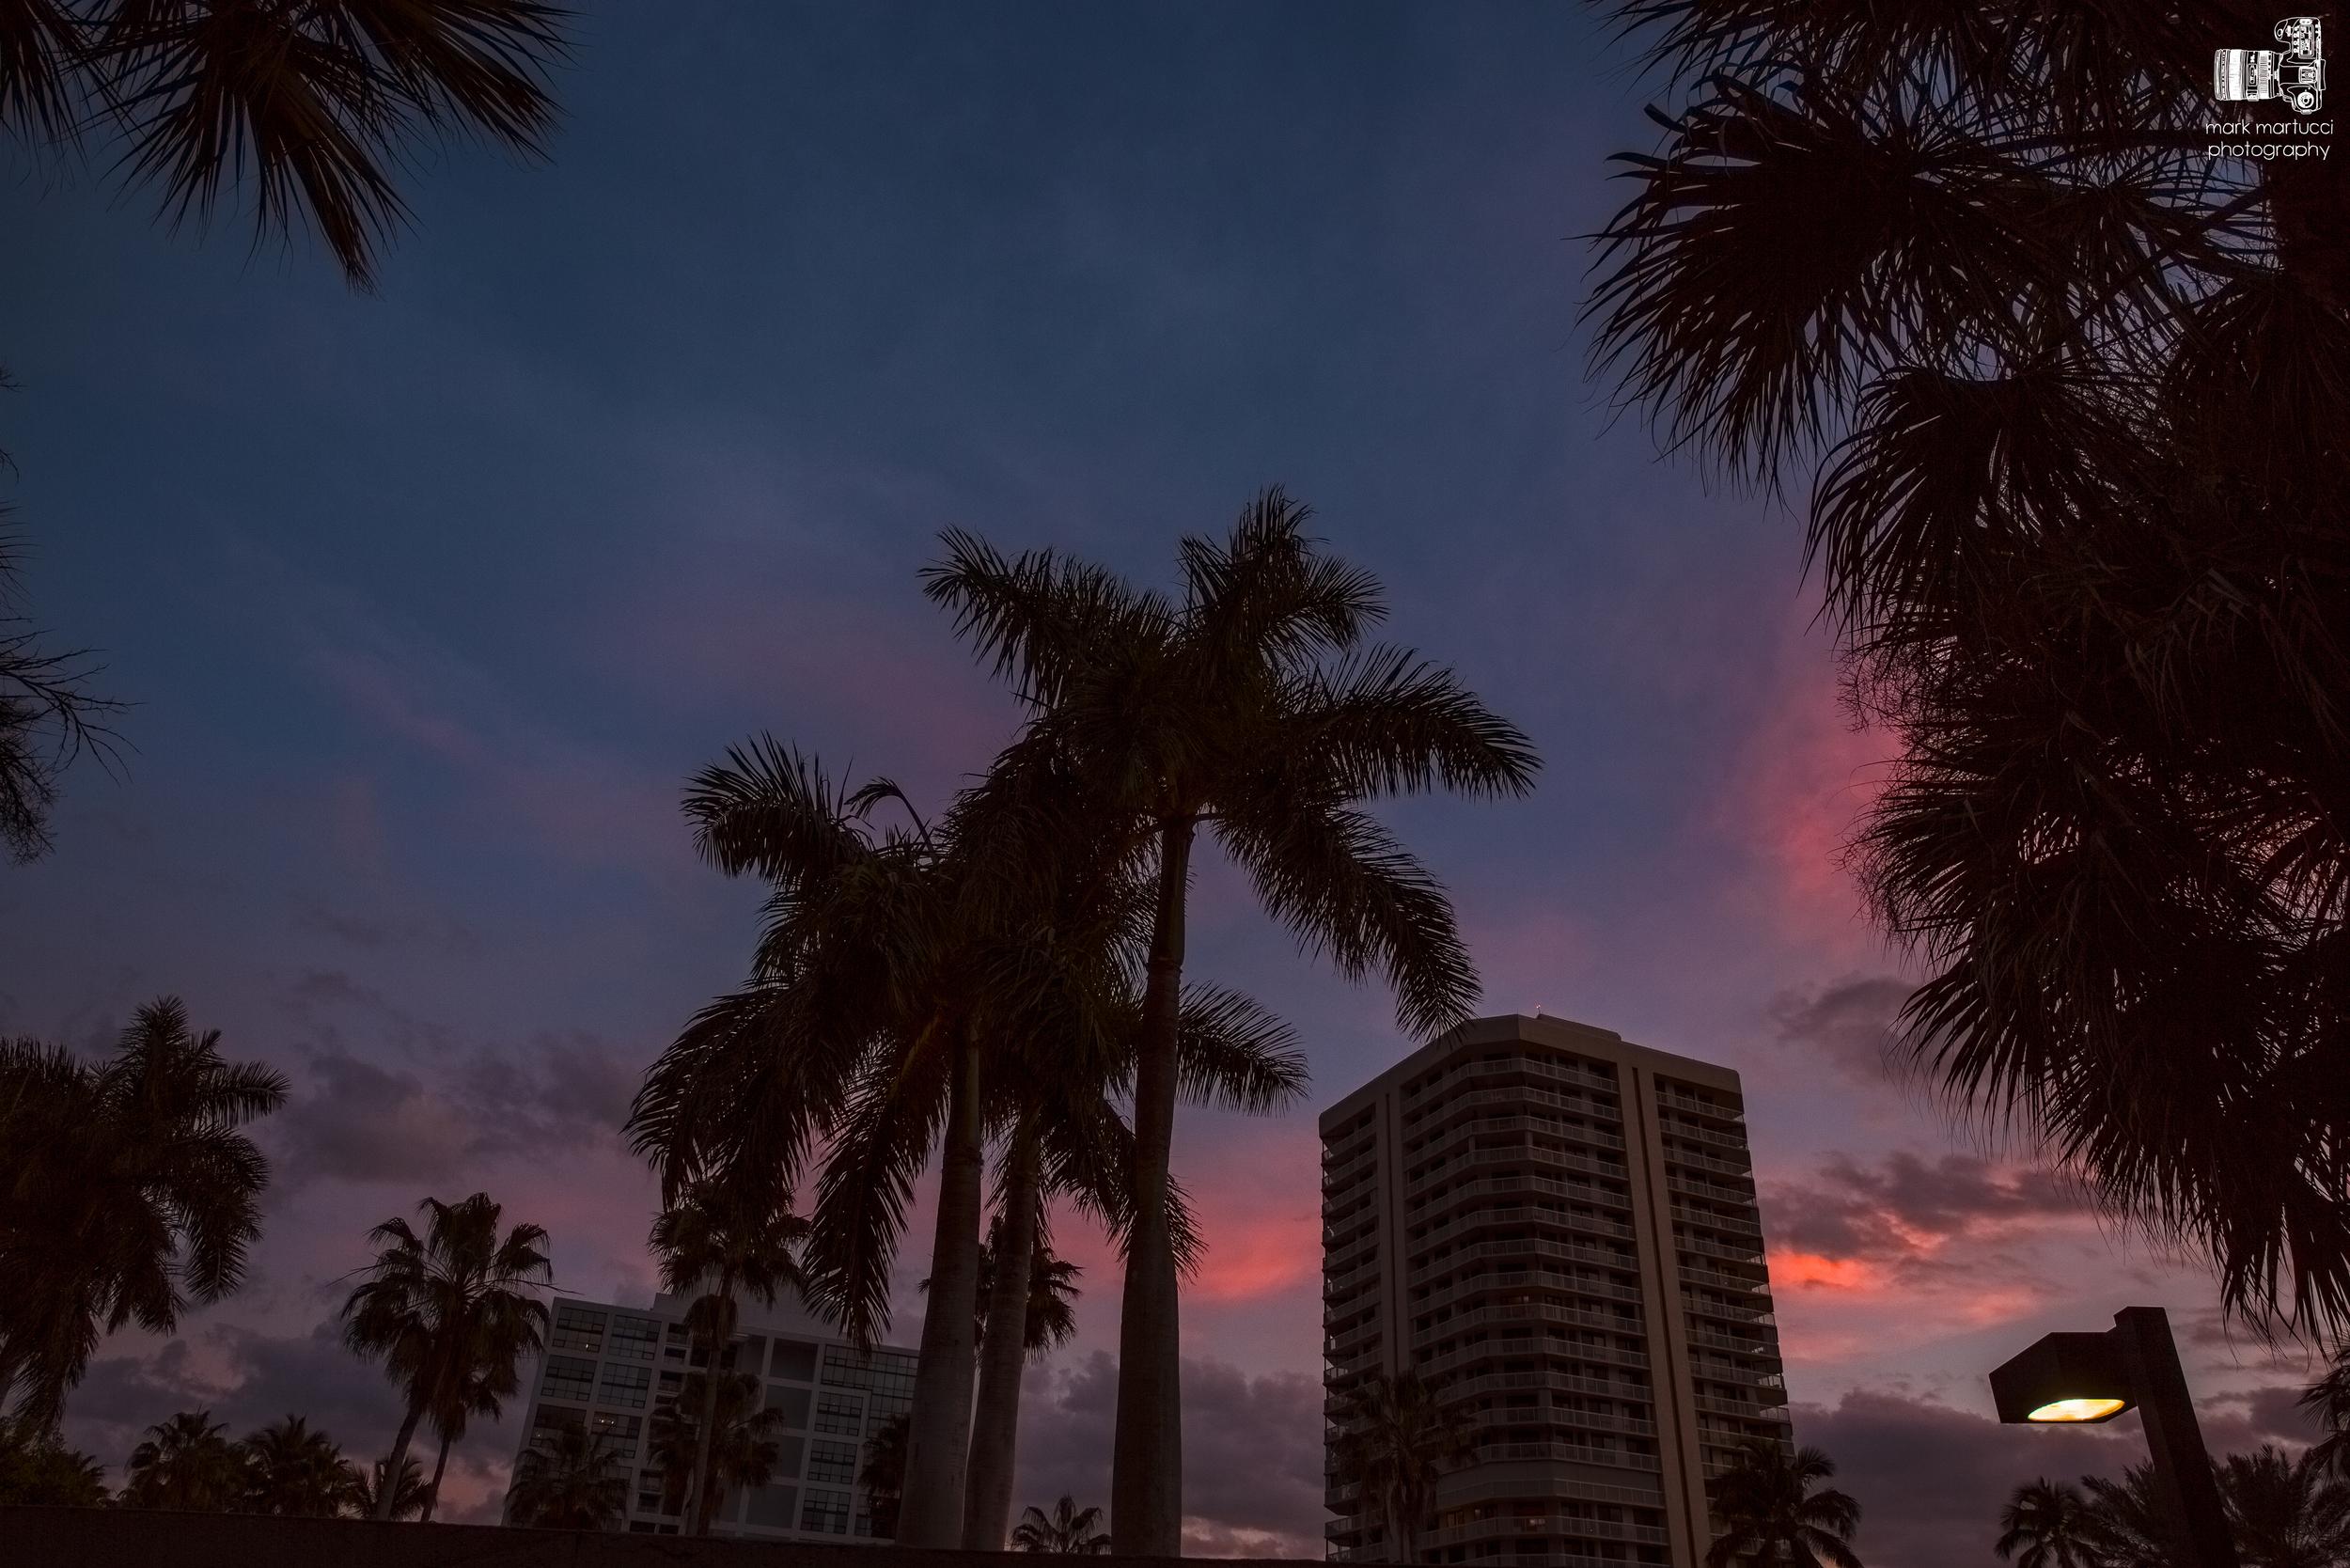 sunset buildings.jpg